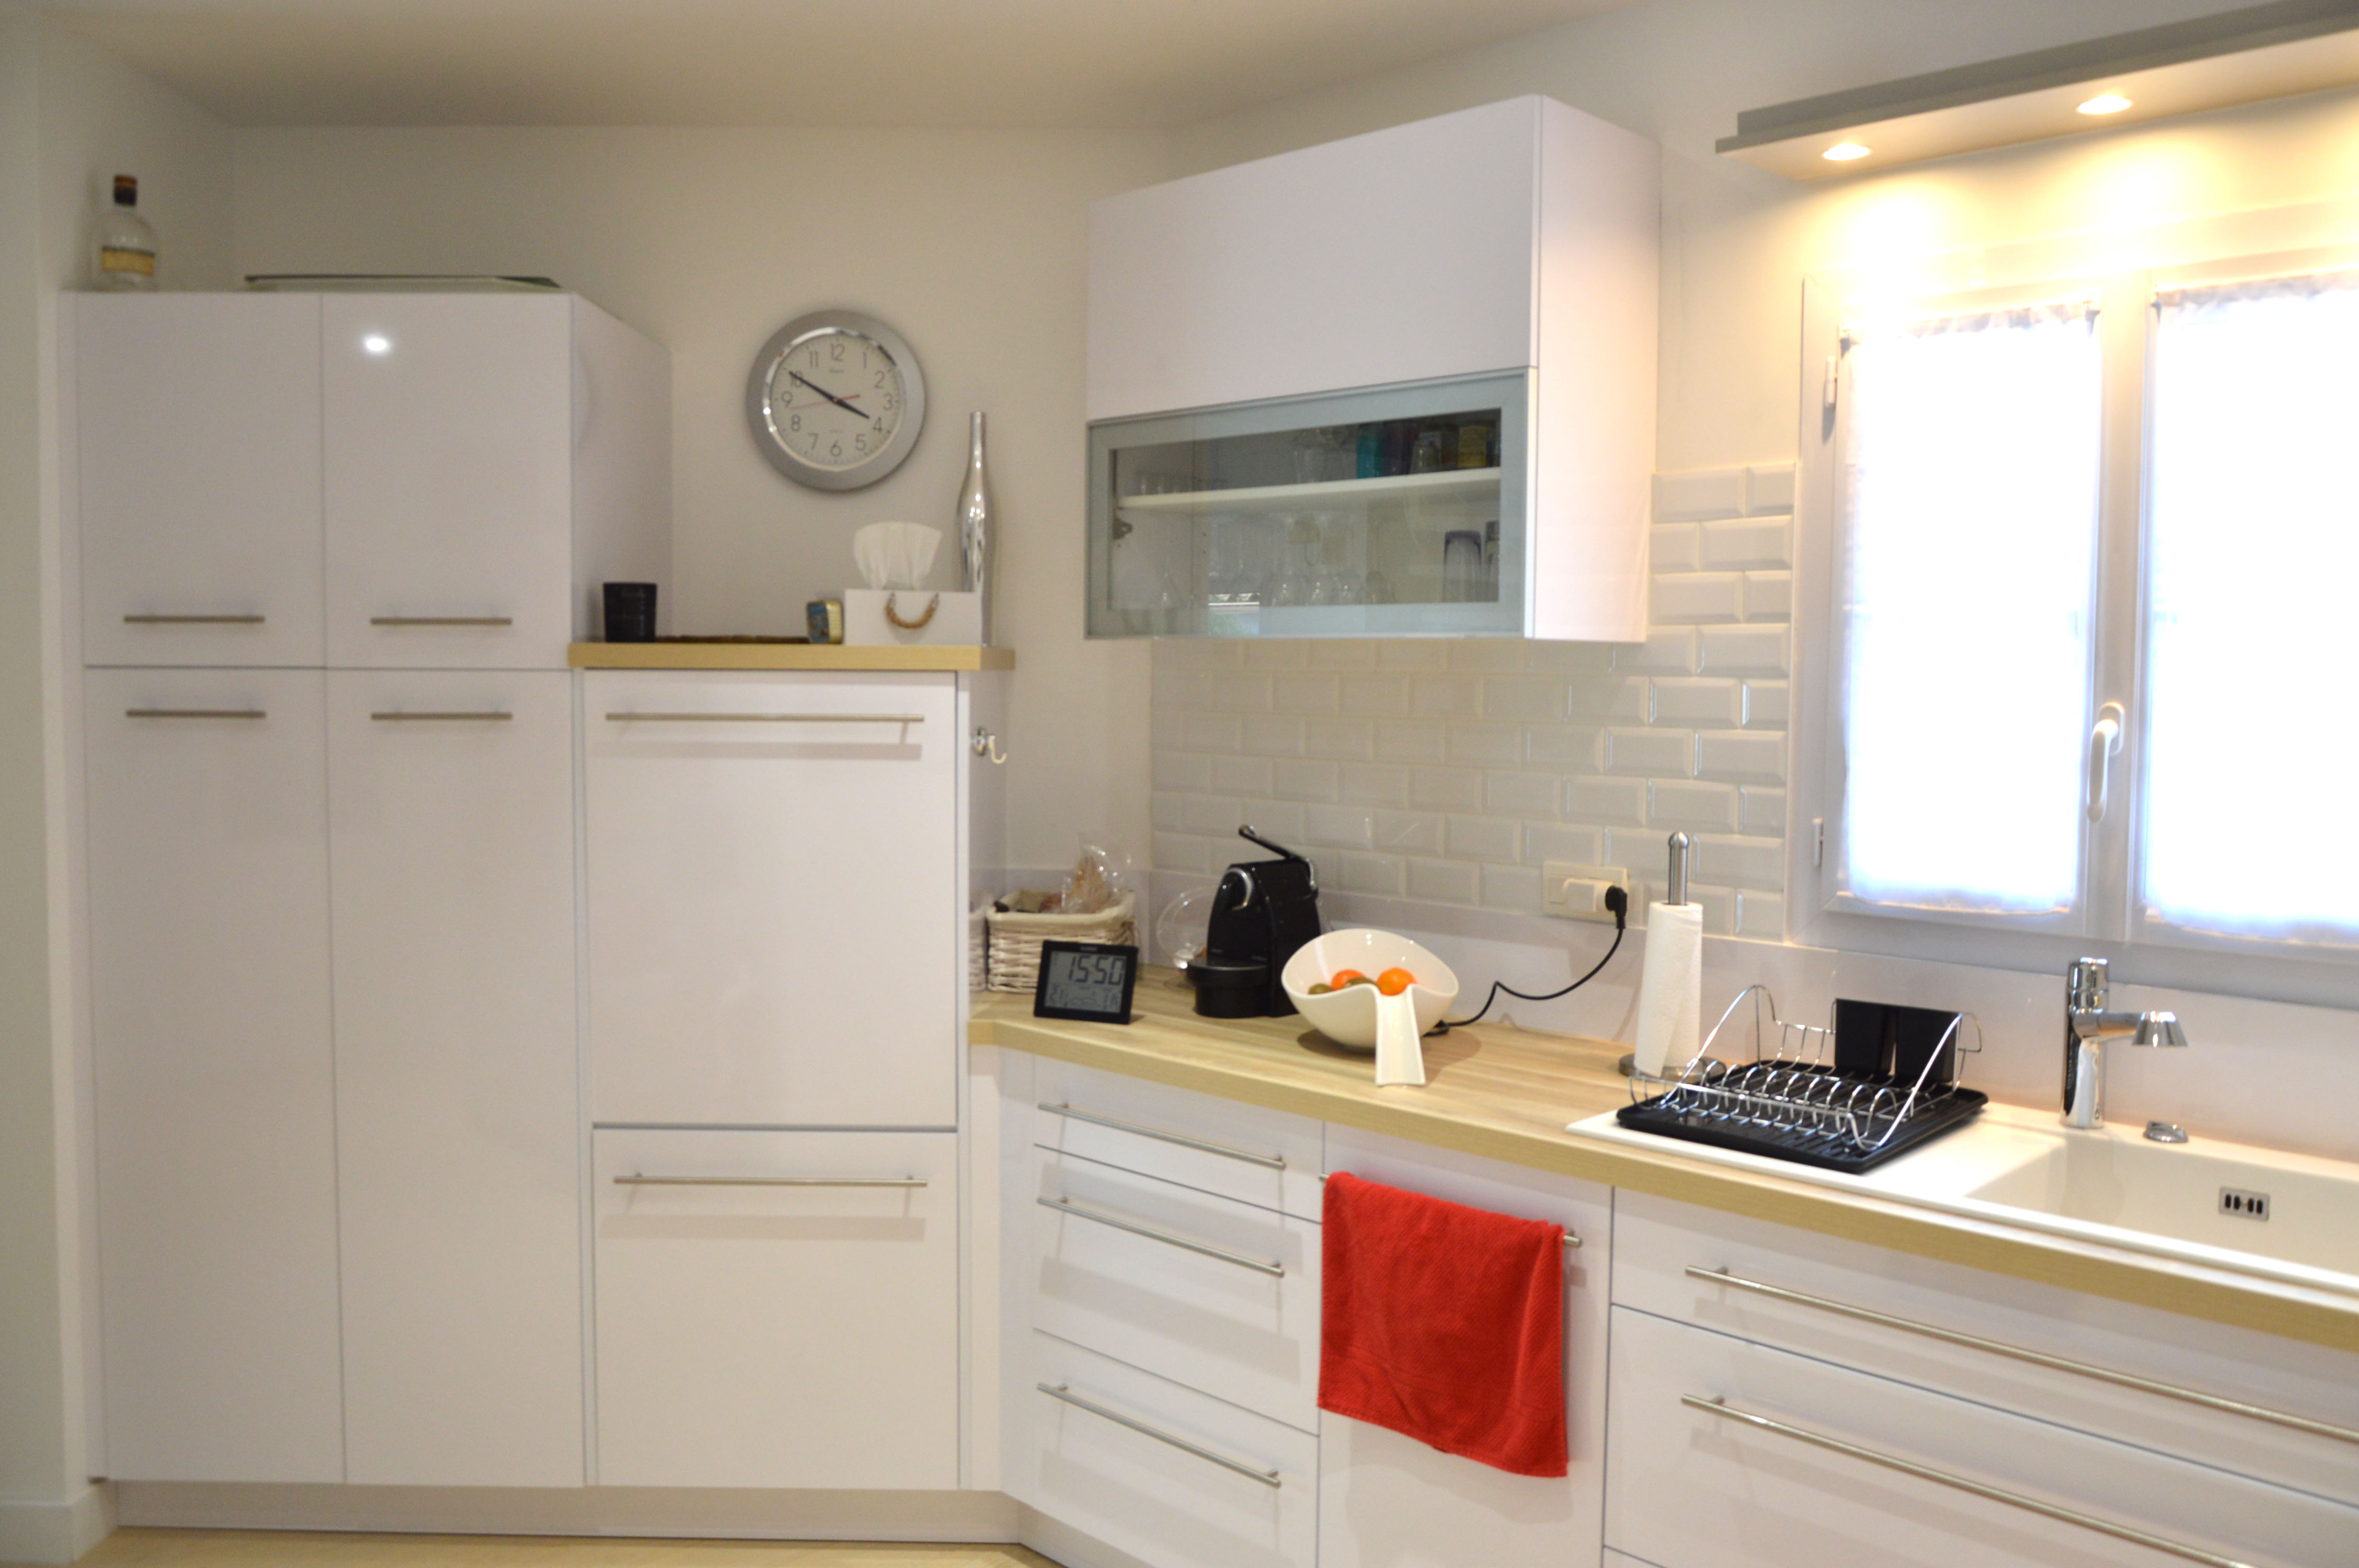 cr ation de cuisine sur mesure saint gilles croix de vie yannick remaud menuiserie saint. Black Bedroom Furniture Sets. Home Design Ideas